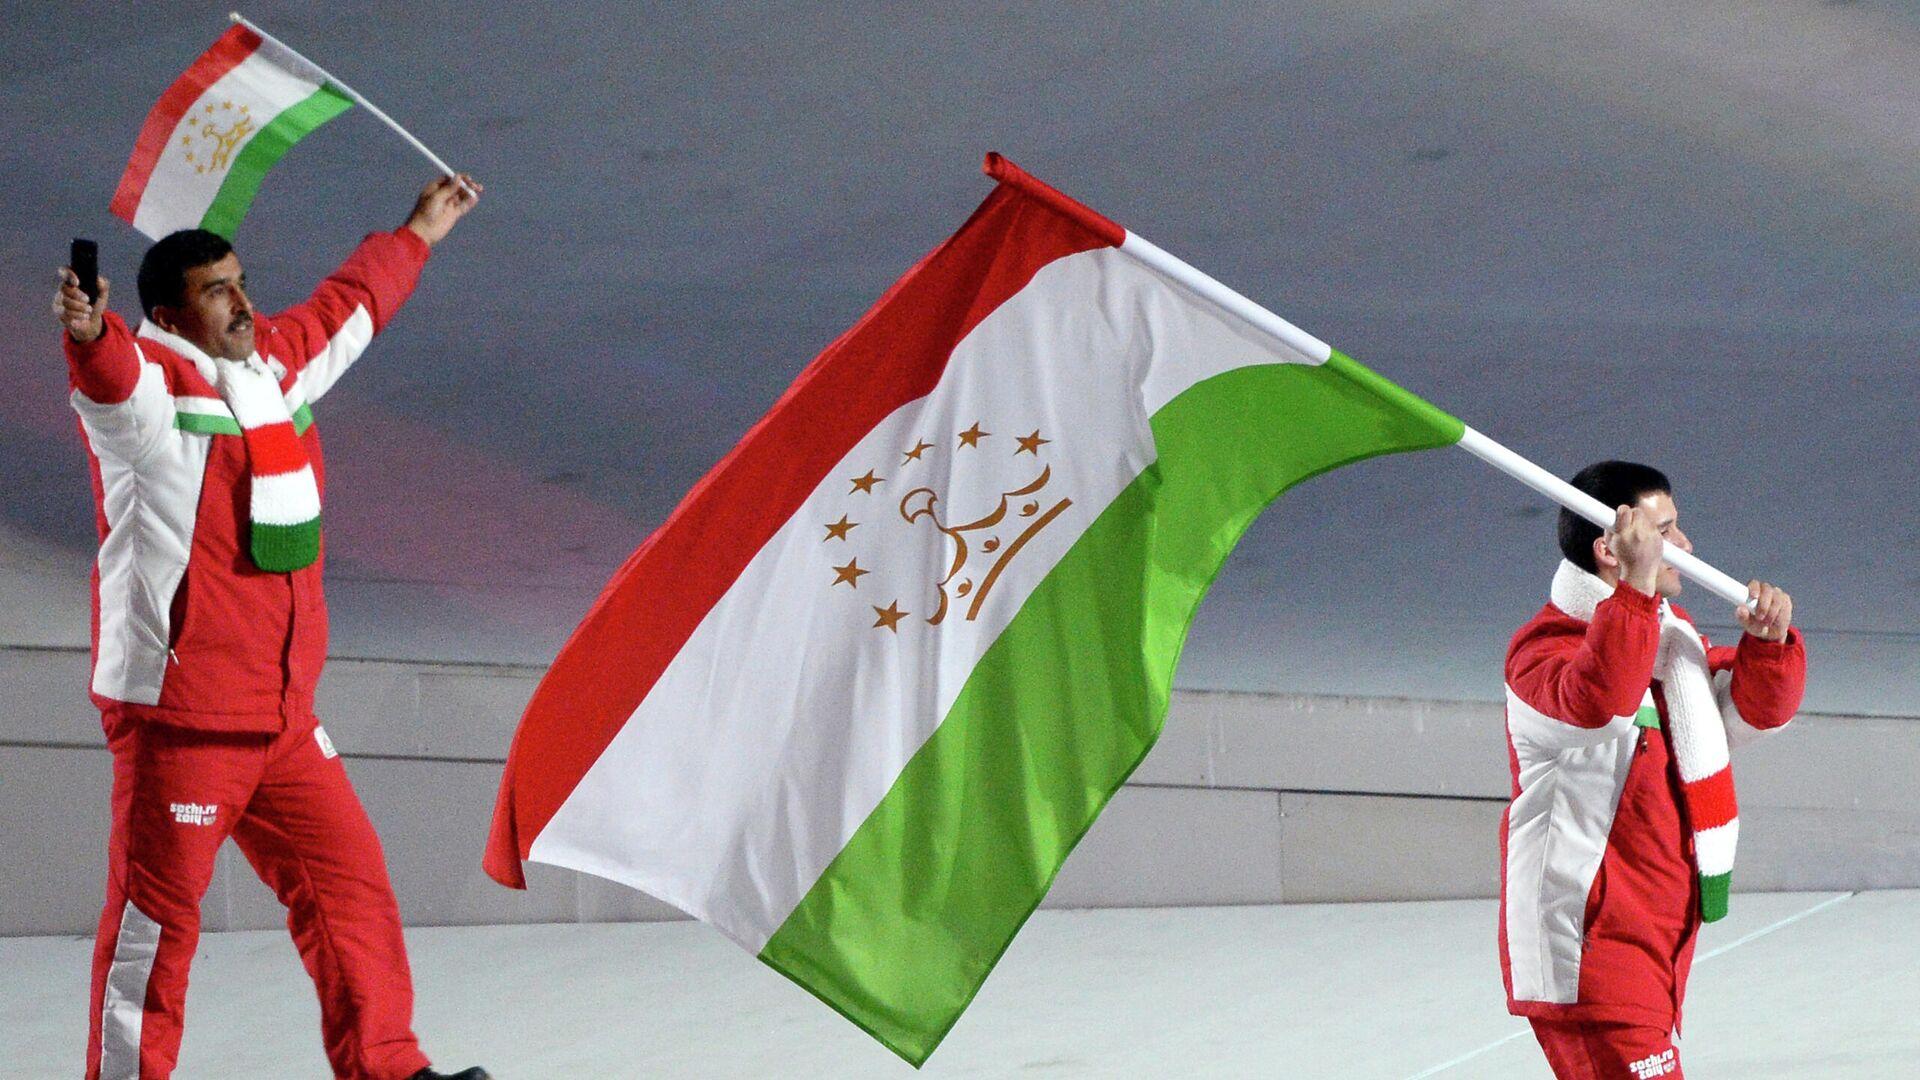 Знаменосец сборной Таджикистана Алишер Квадратов (справа) во время парада атлетов и членов национальных делегаций на церемонии открытия XXII зимних Олимпийских игр в Сочи, архивное фото - Sputnik Таджикистан, 1920, 02.09.2021